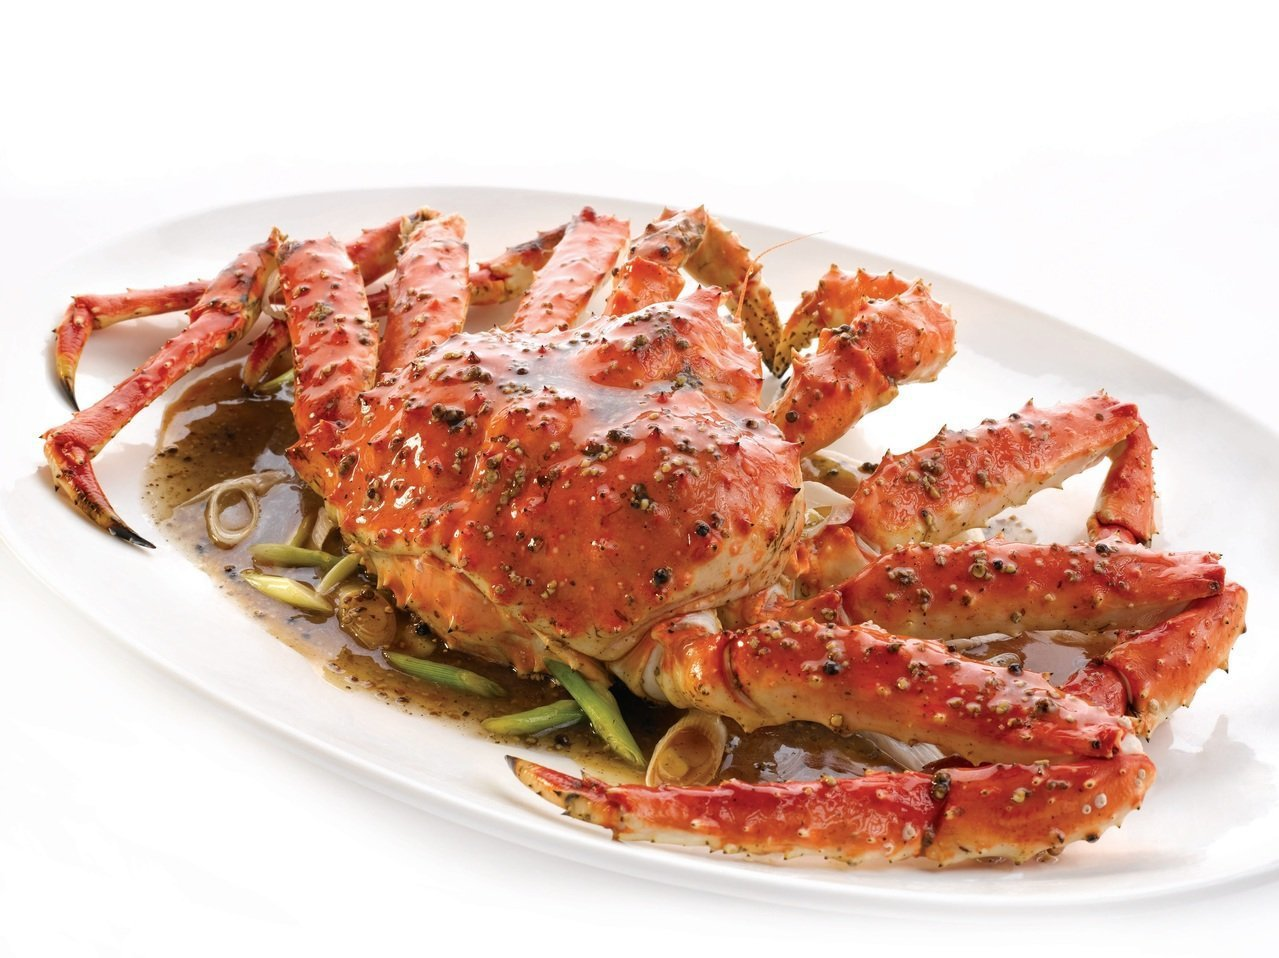 珍寶推出帝王蟹三吃的限量優惠,最高可享66折起。圖/珍寶提供